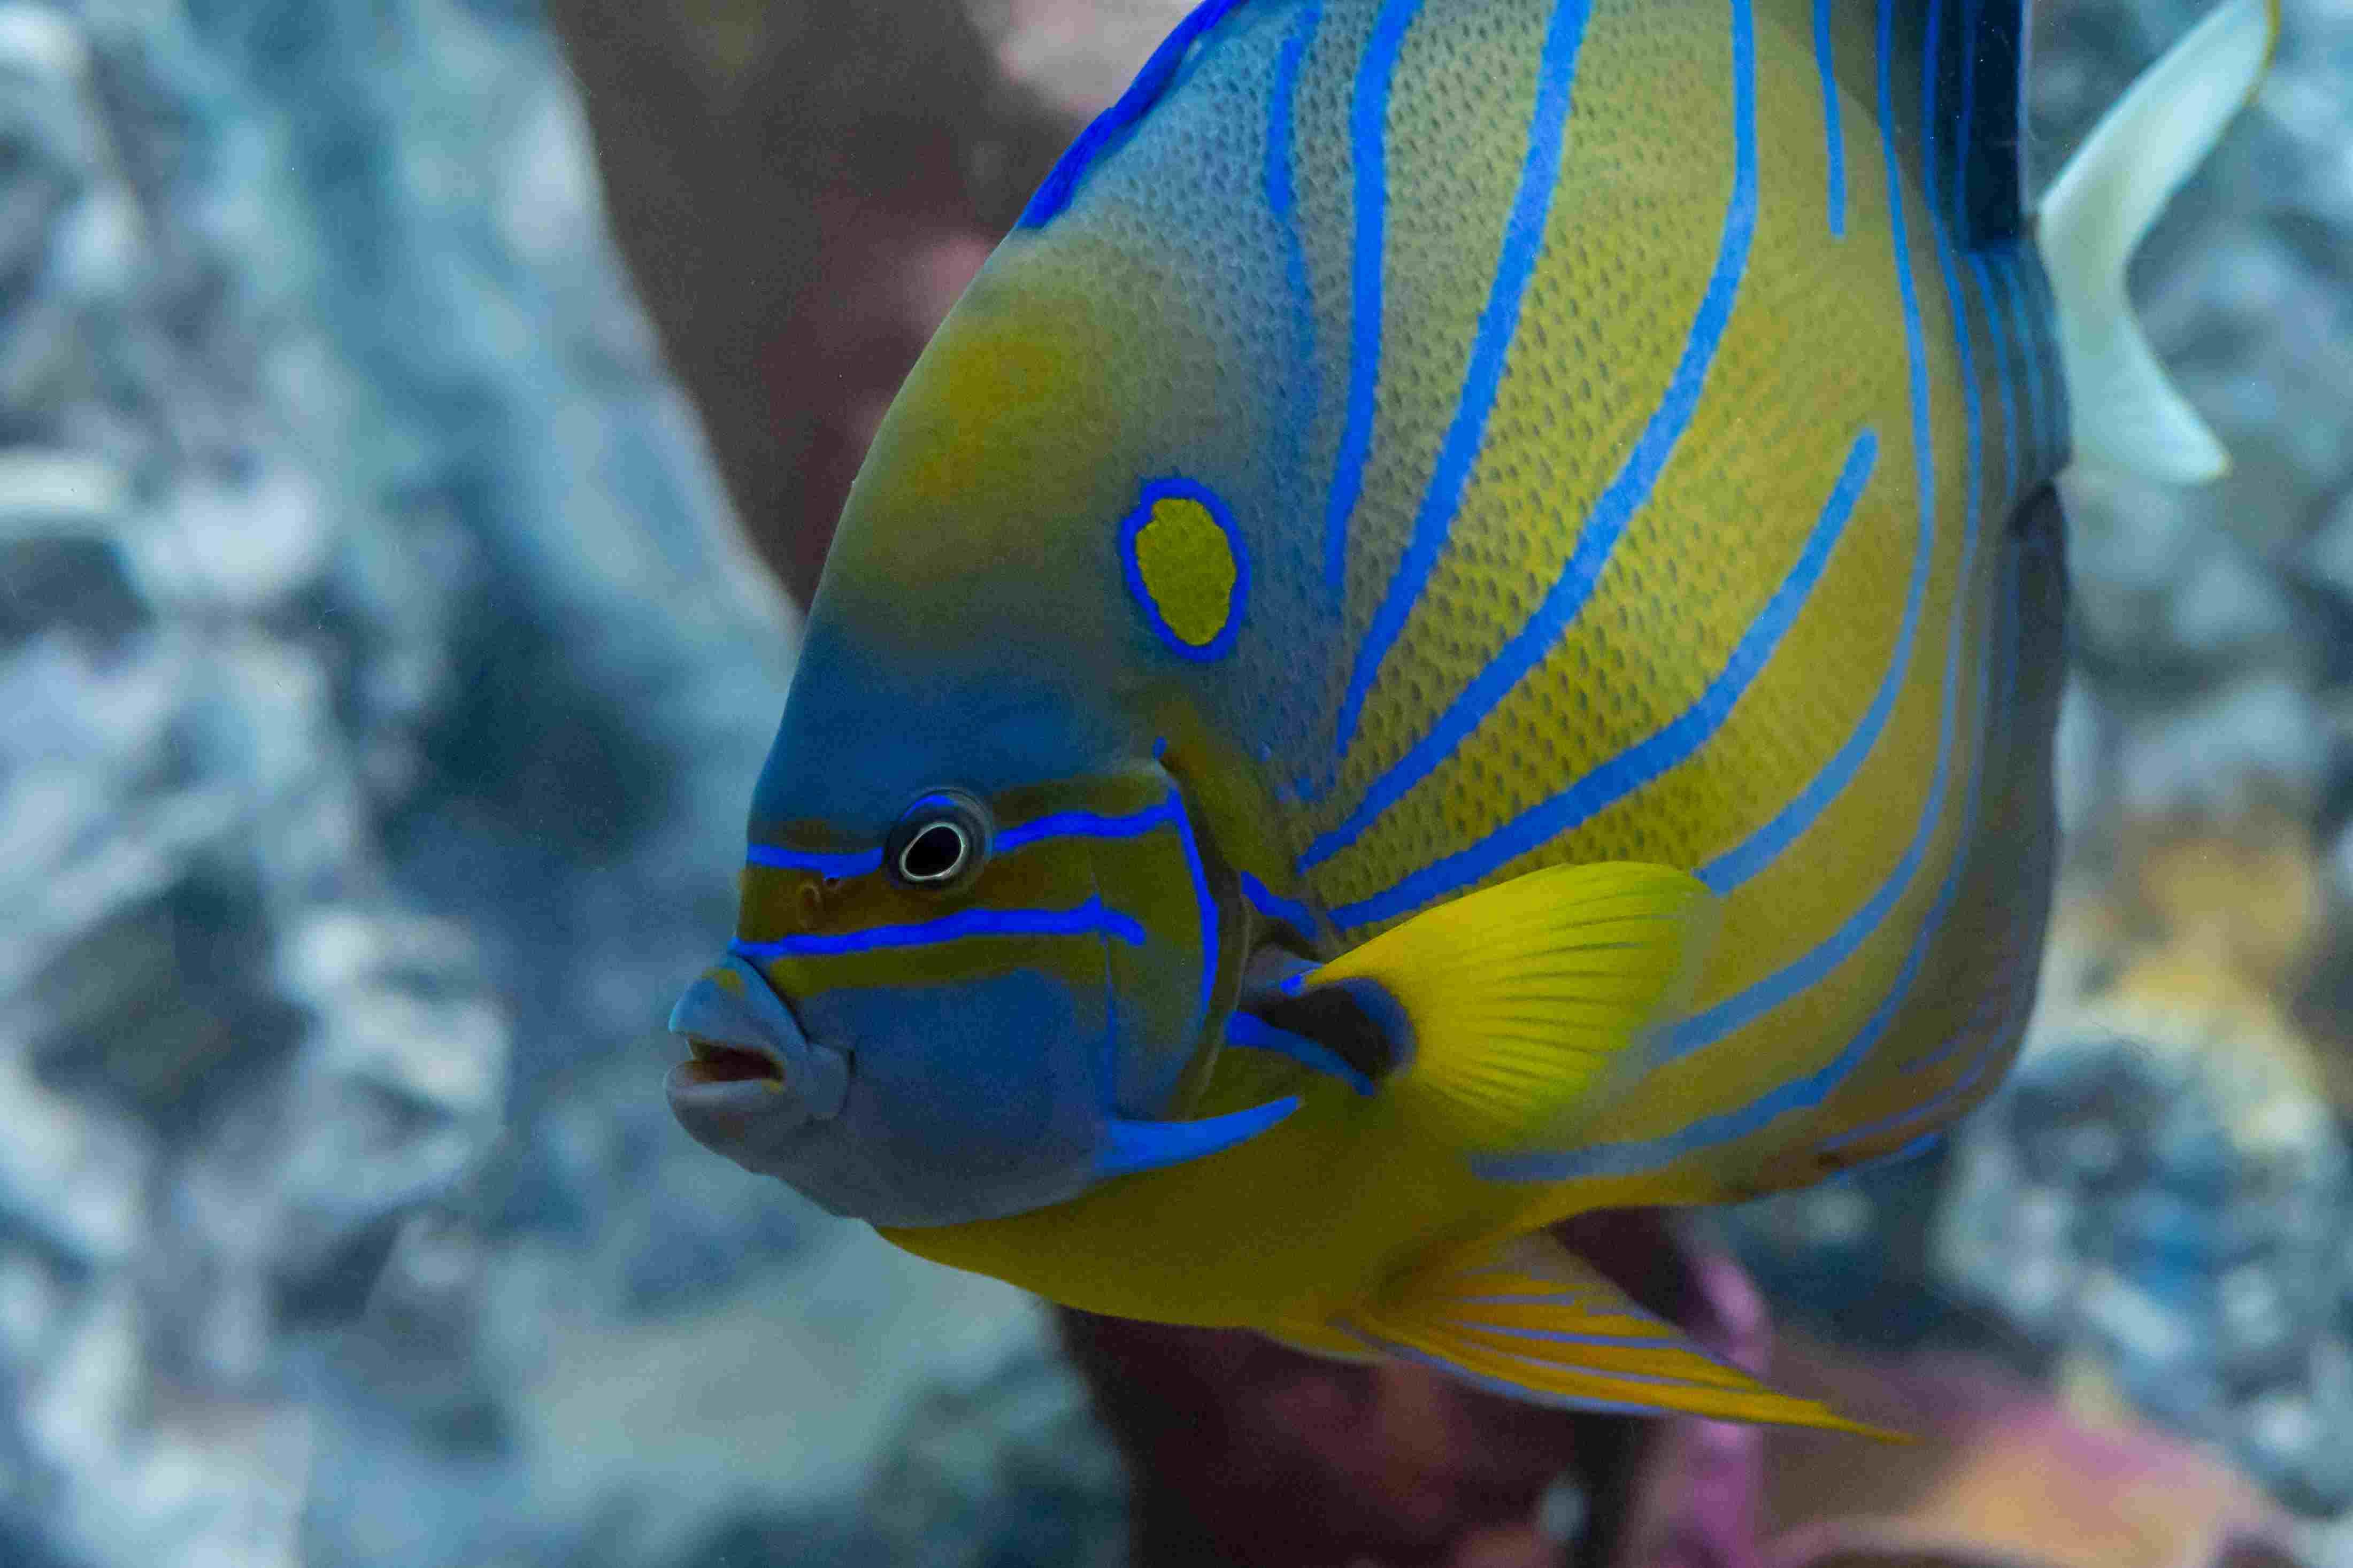 A tropical fish in an aquarium